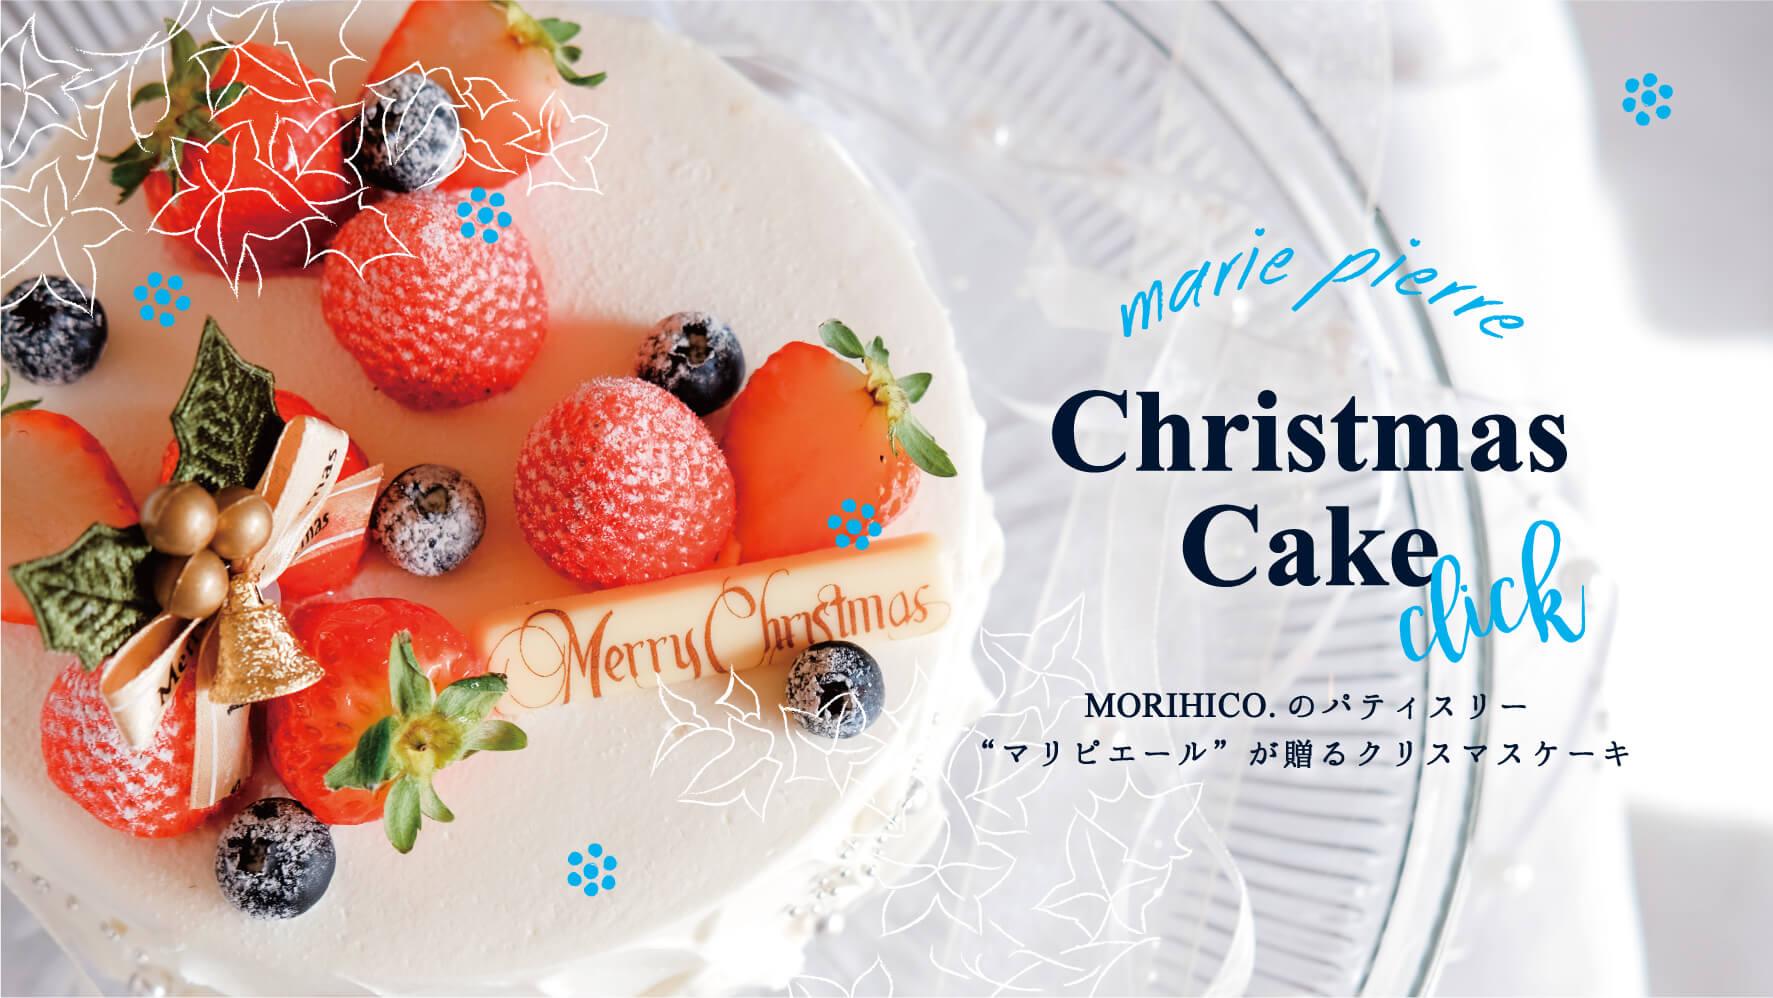 マリピエールクリスマスケーキ